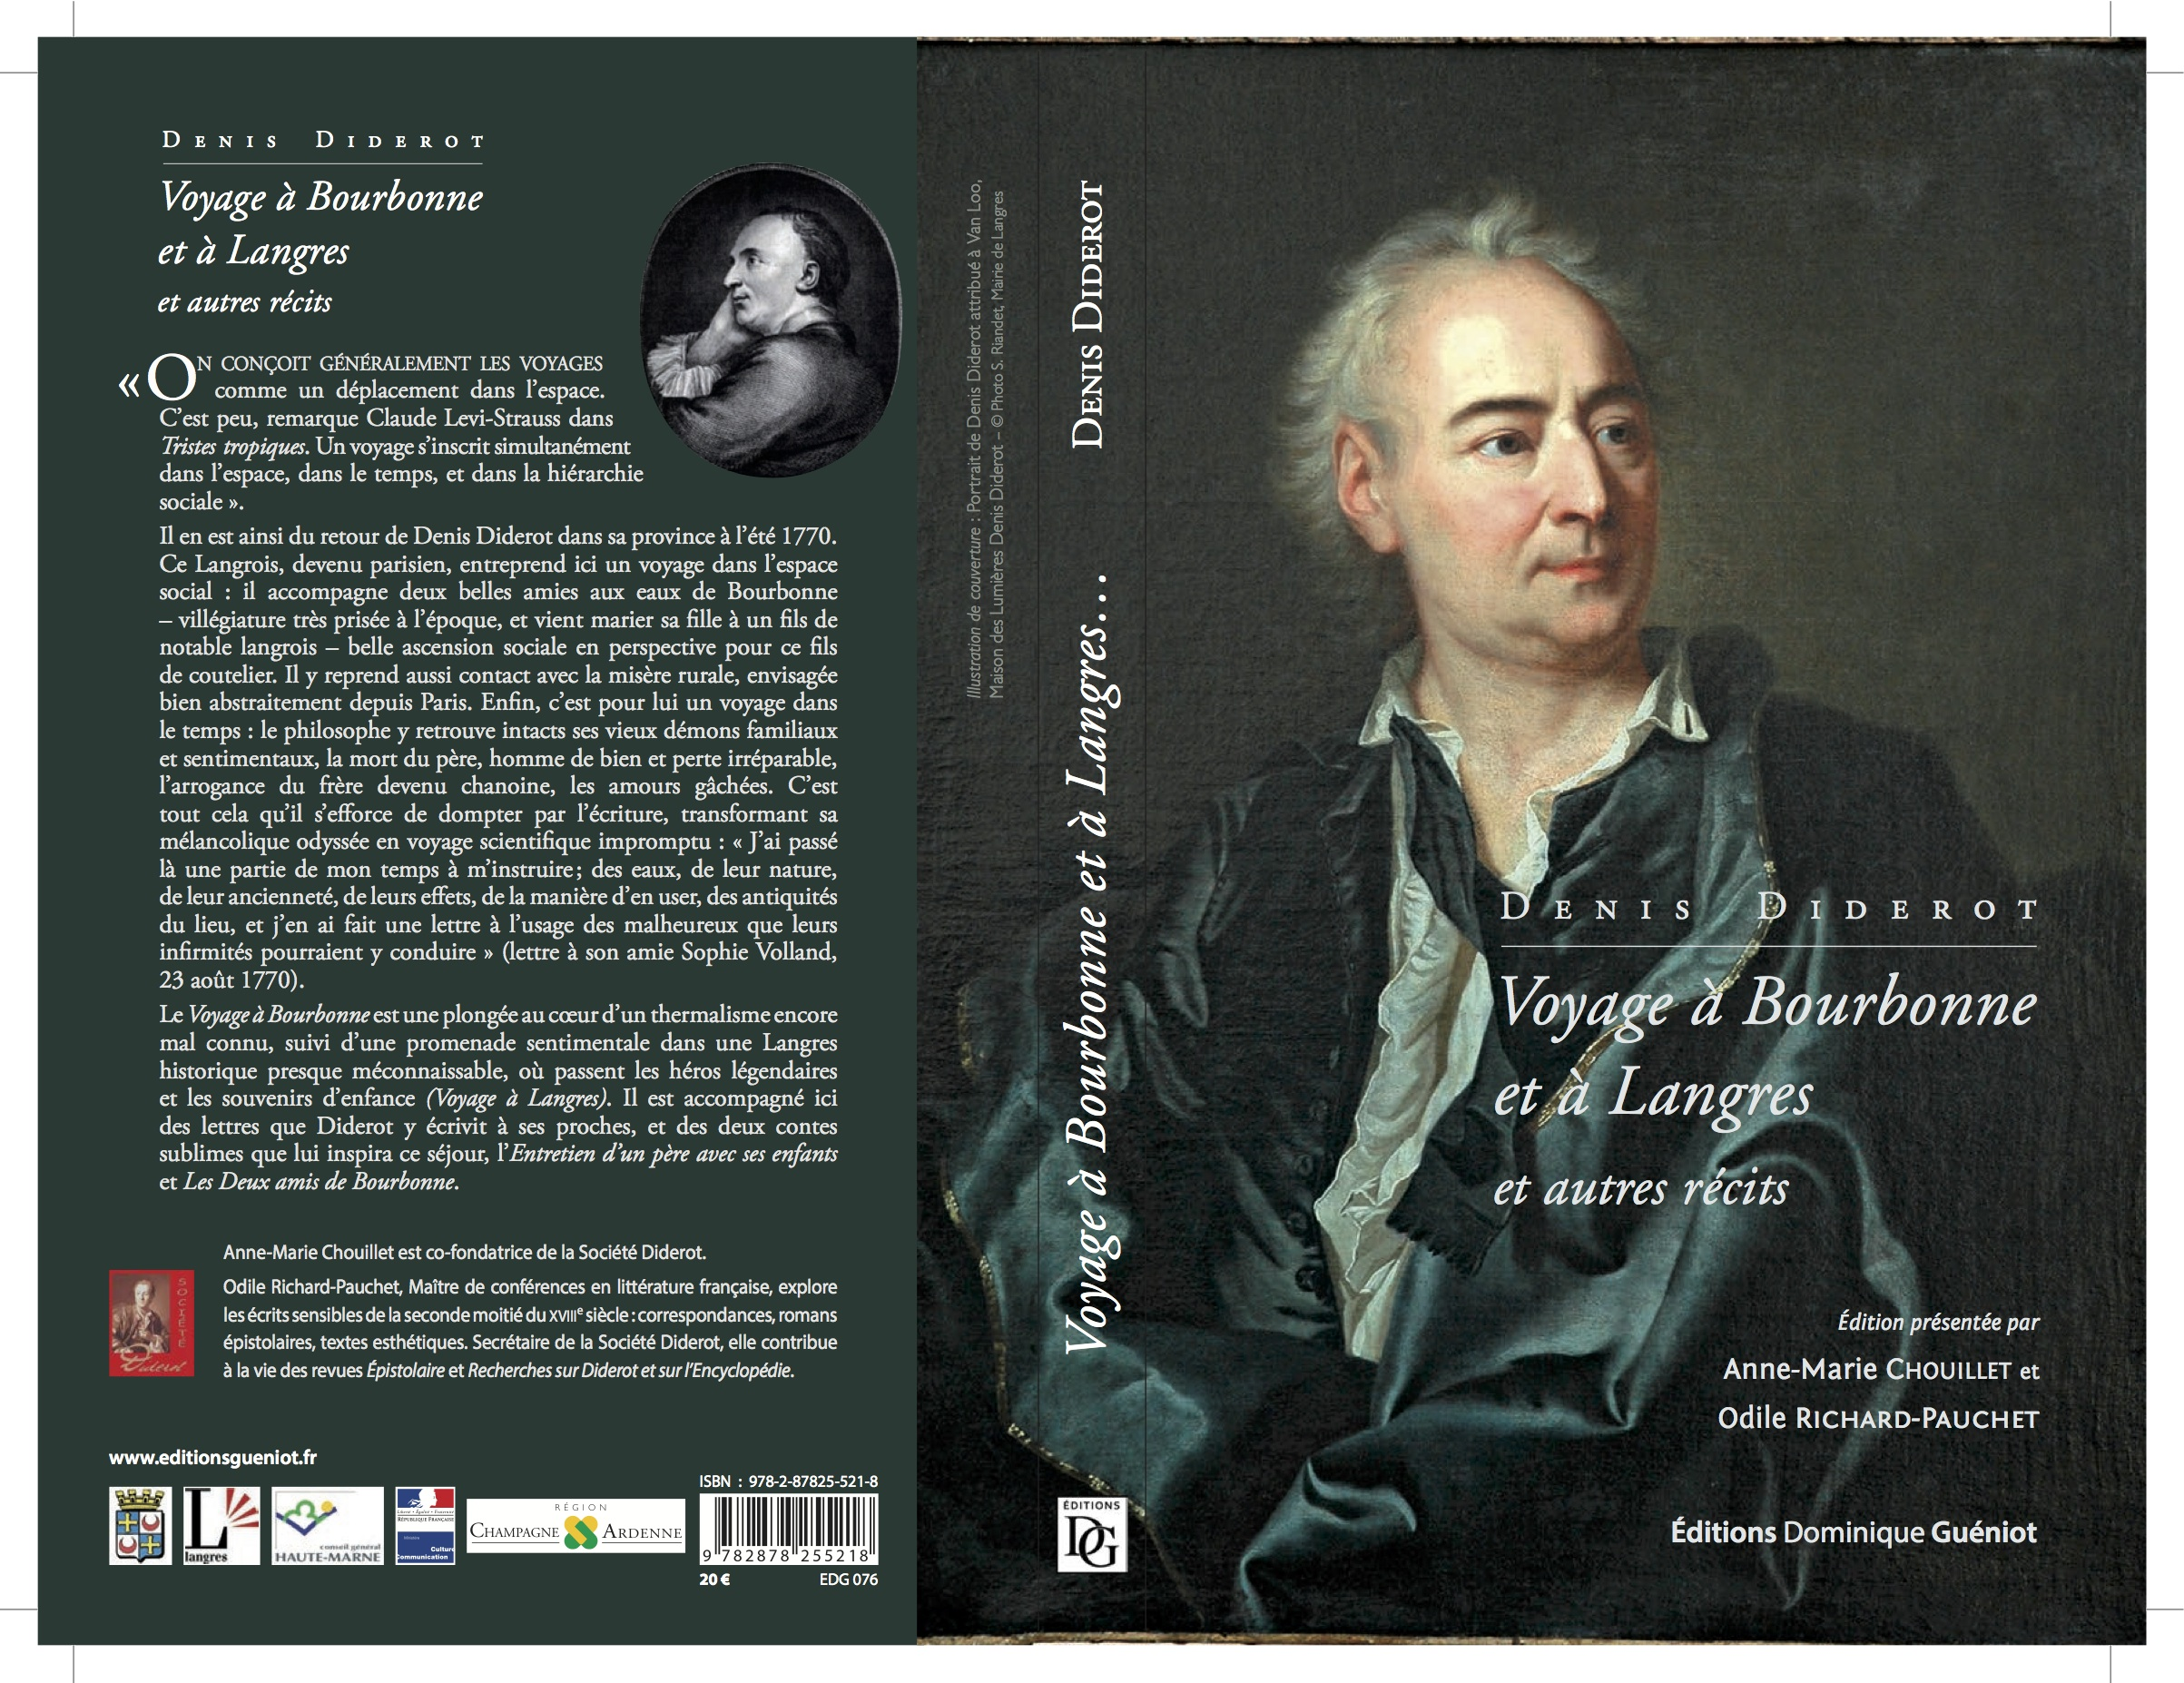 Diderot_Voyage à Bourbonne_Couverture - copie